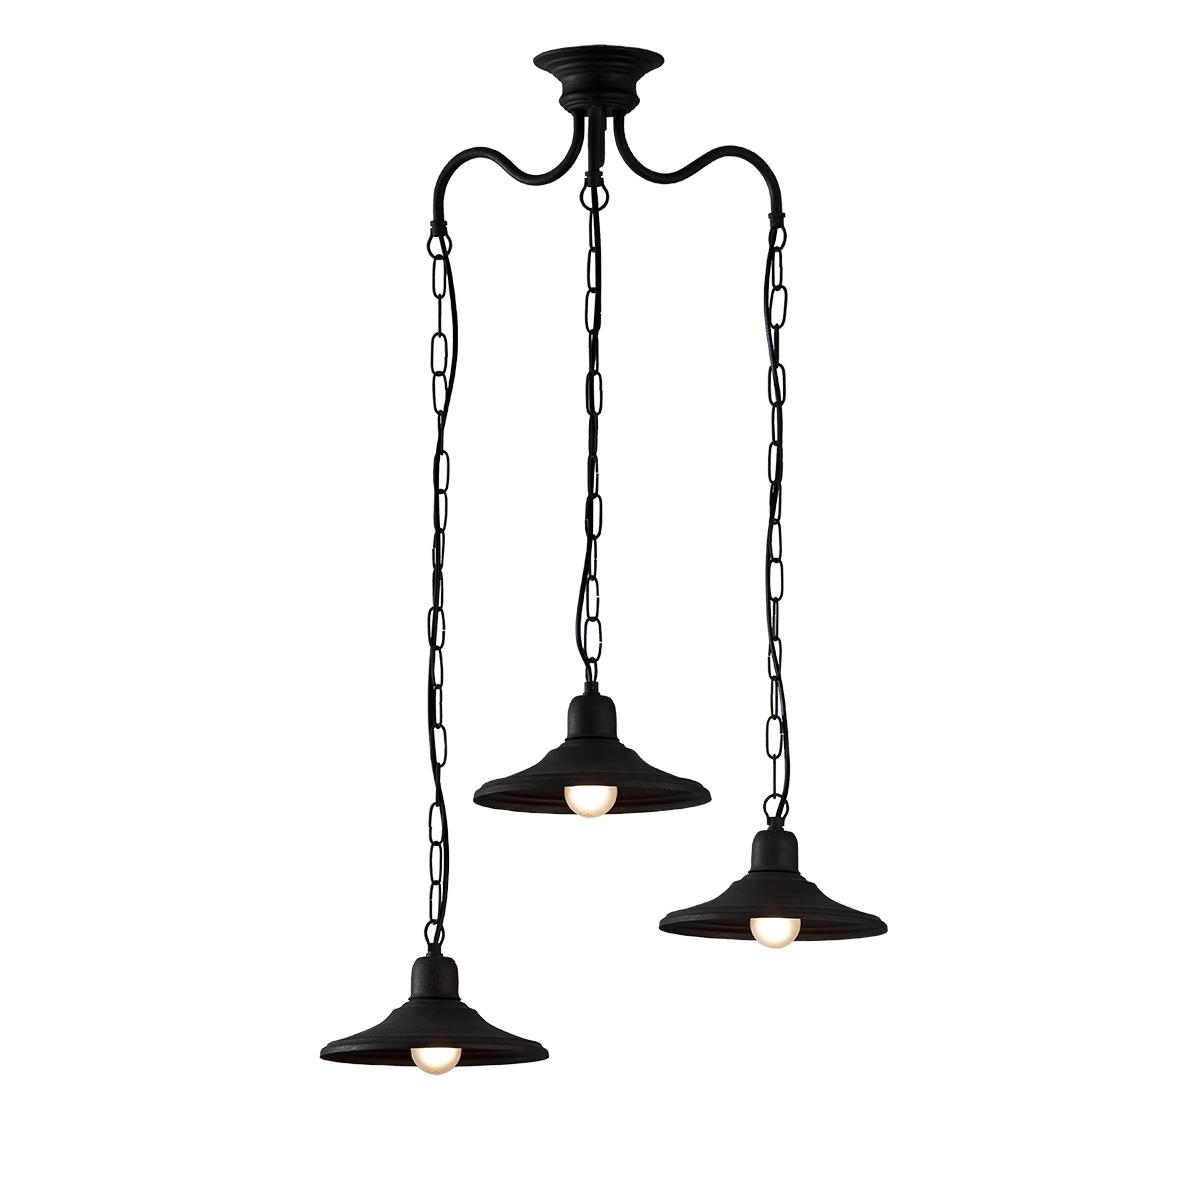 Παραδοσιακό 3φωτο φωτιστικό σε πατίνα γραφίτη ΙΟΣ graphite patinated rustic chandelier